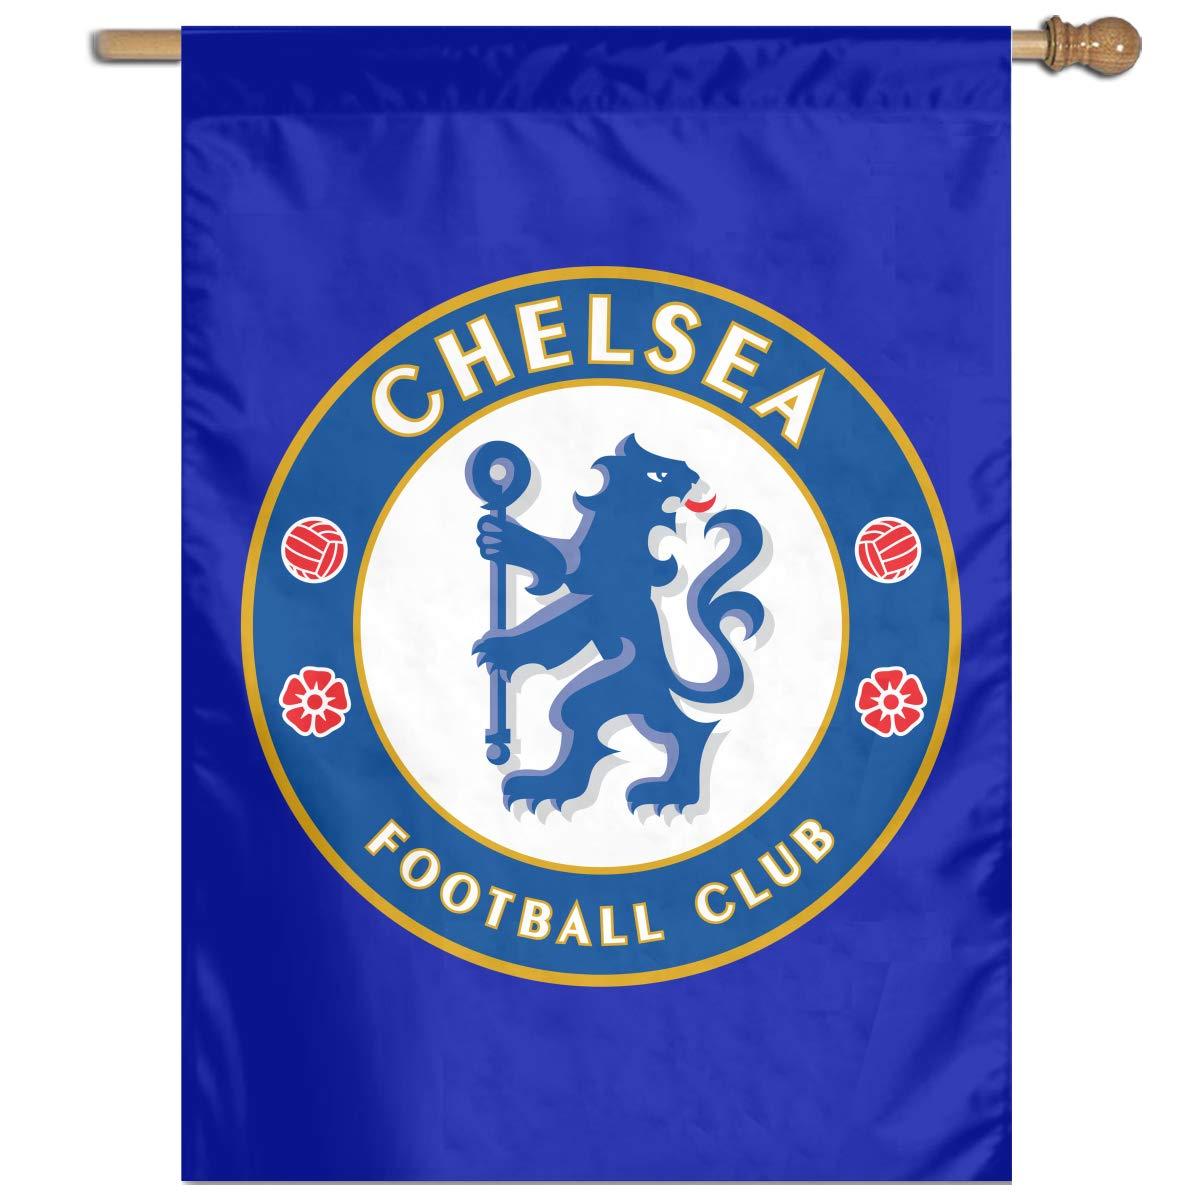 English Premiership Unisex-Adult Jersey-Shaped Flag